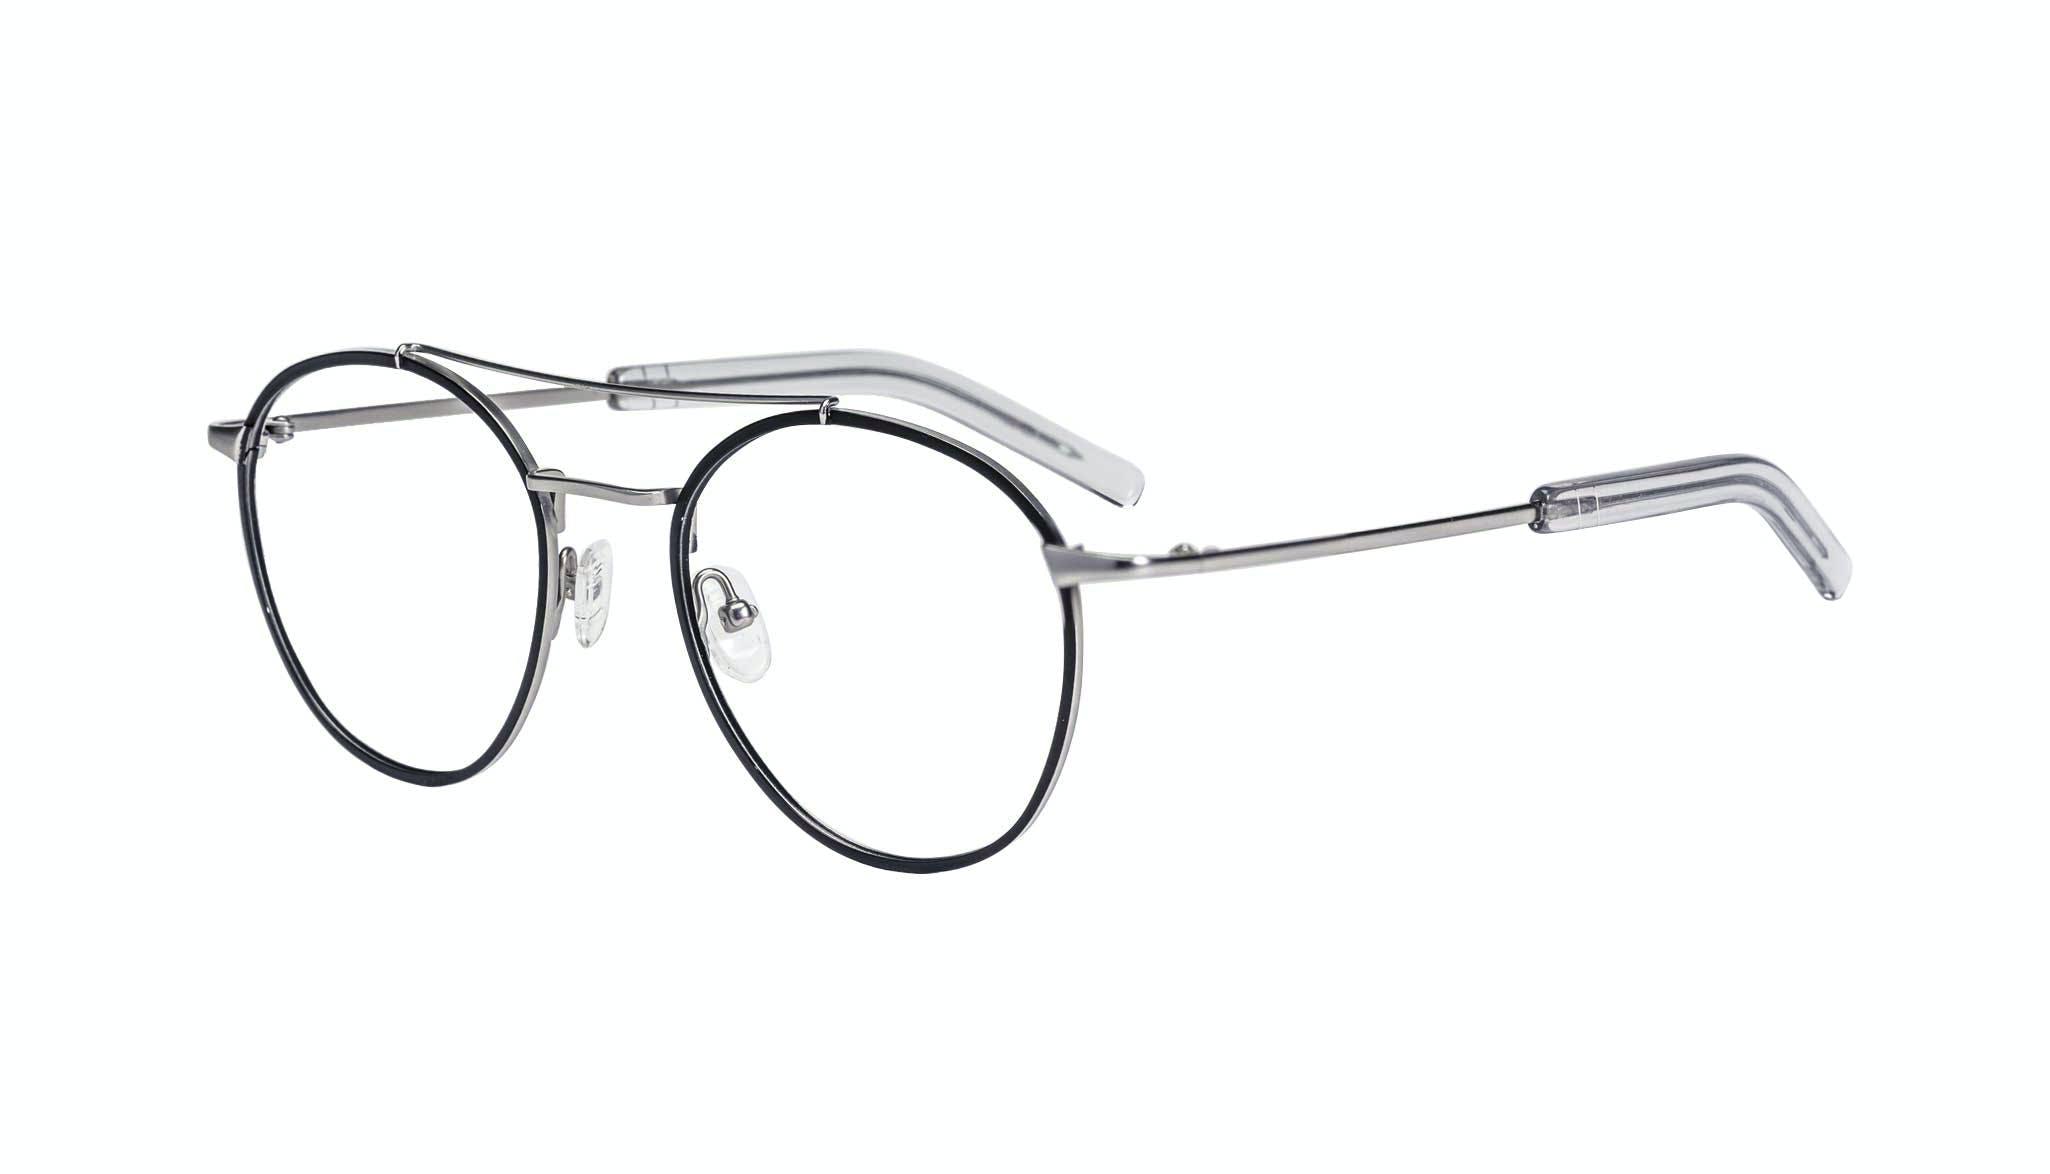 Affordable Fashion Glasses Aviator Eyeglasses Men Gravity Black Silver Tilt